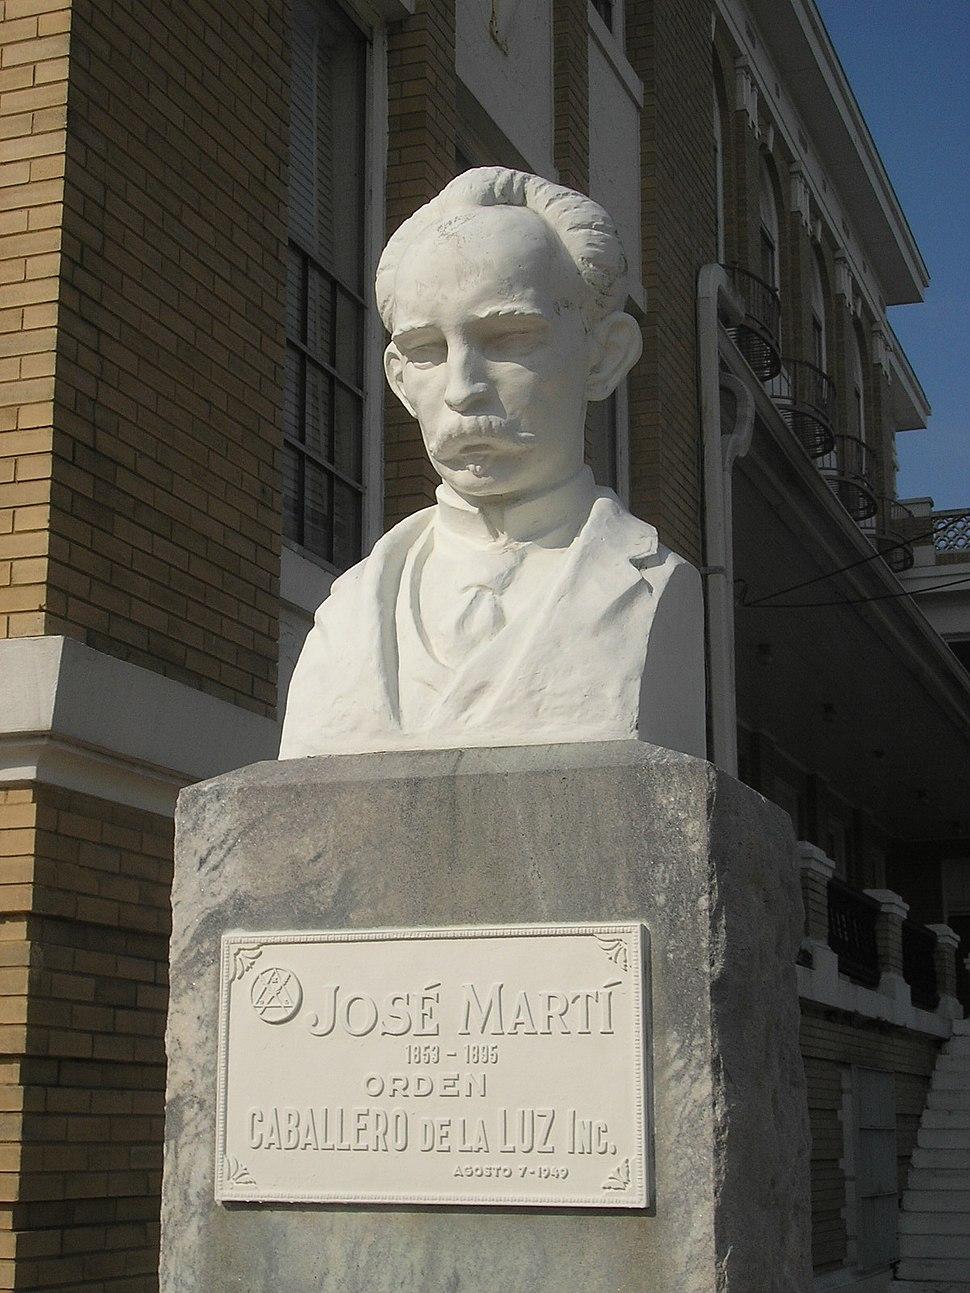 Jose marti in ybor